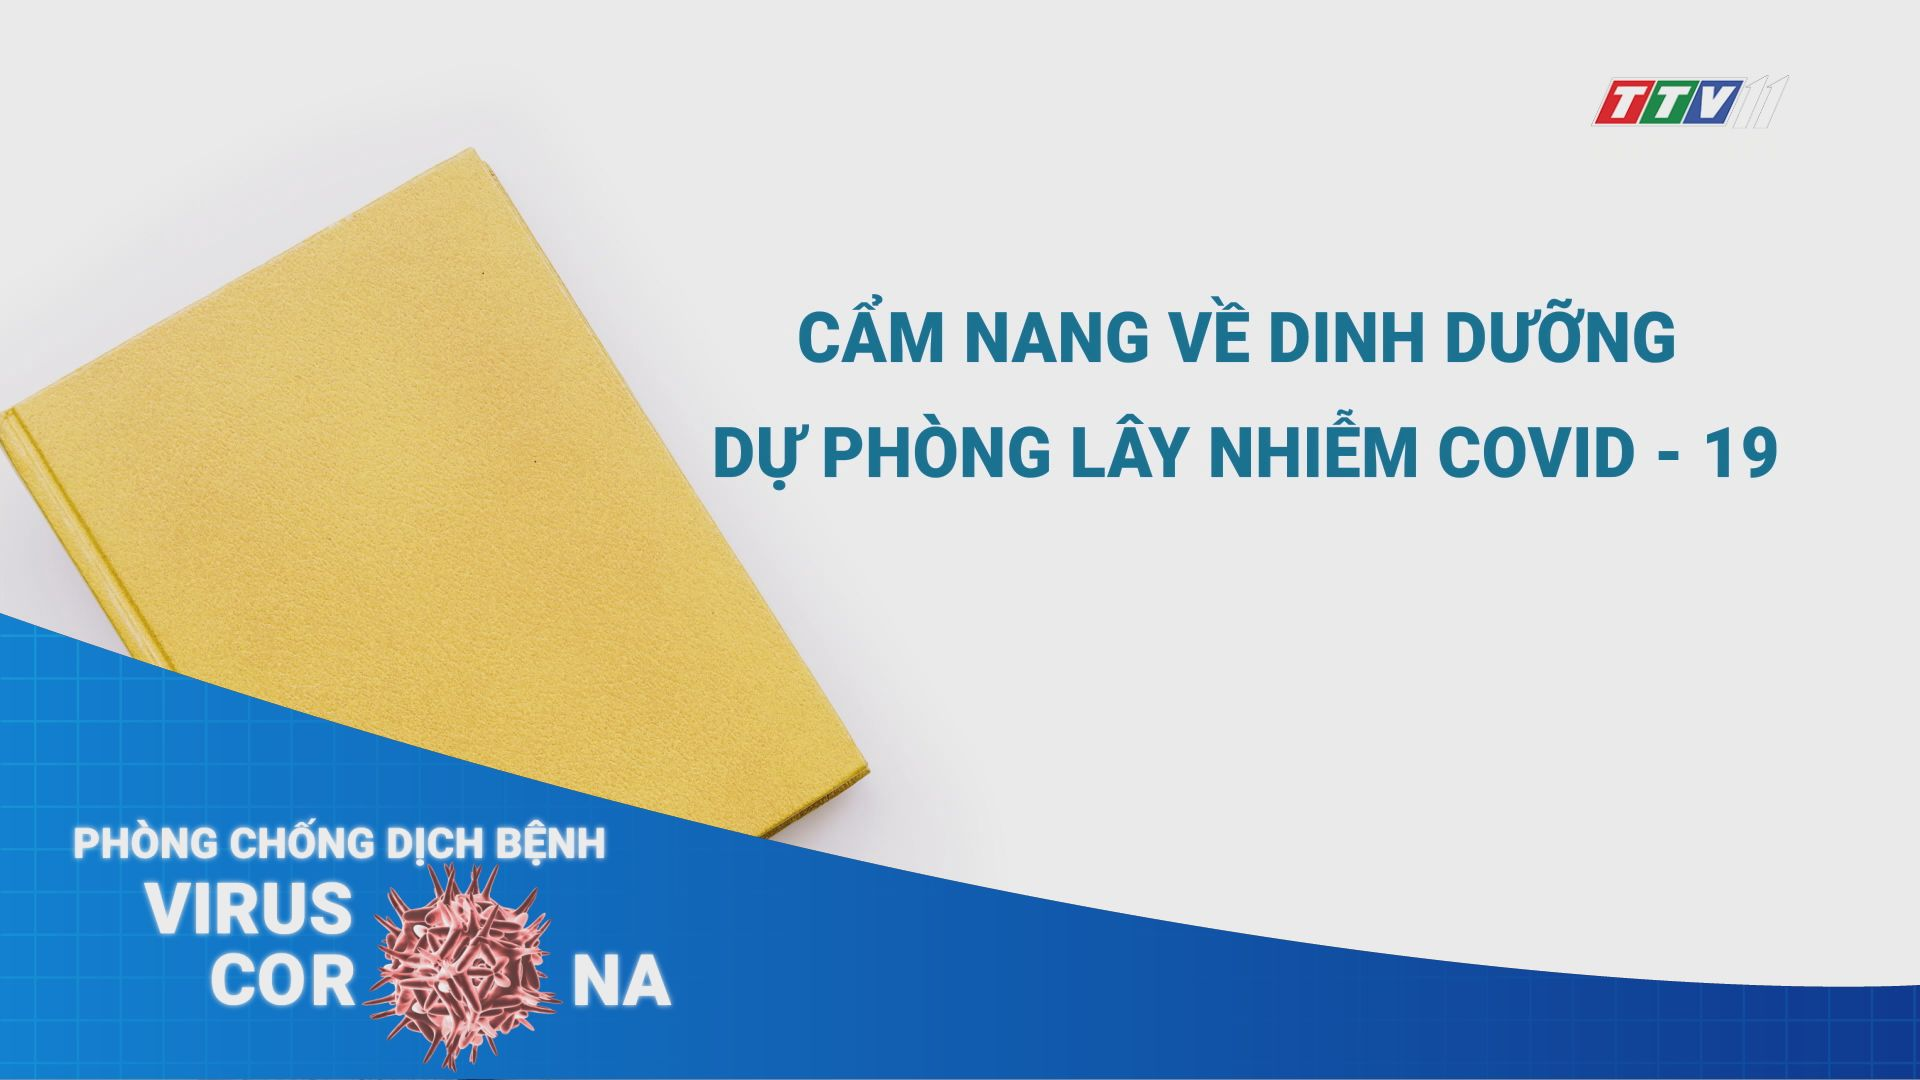 Cẩm nang về dự phòng lây nhiễm Covid-19 | THÔNG TIN DỊCH CÚM COVID-19 | TayNinhTV